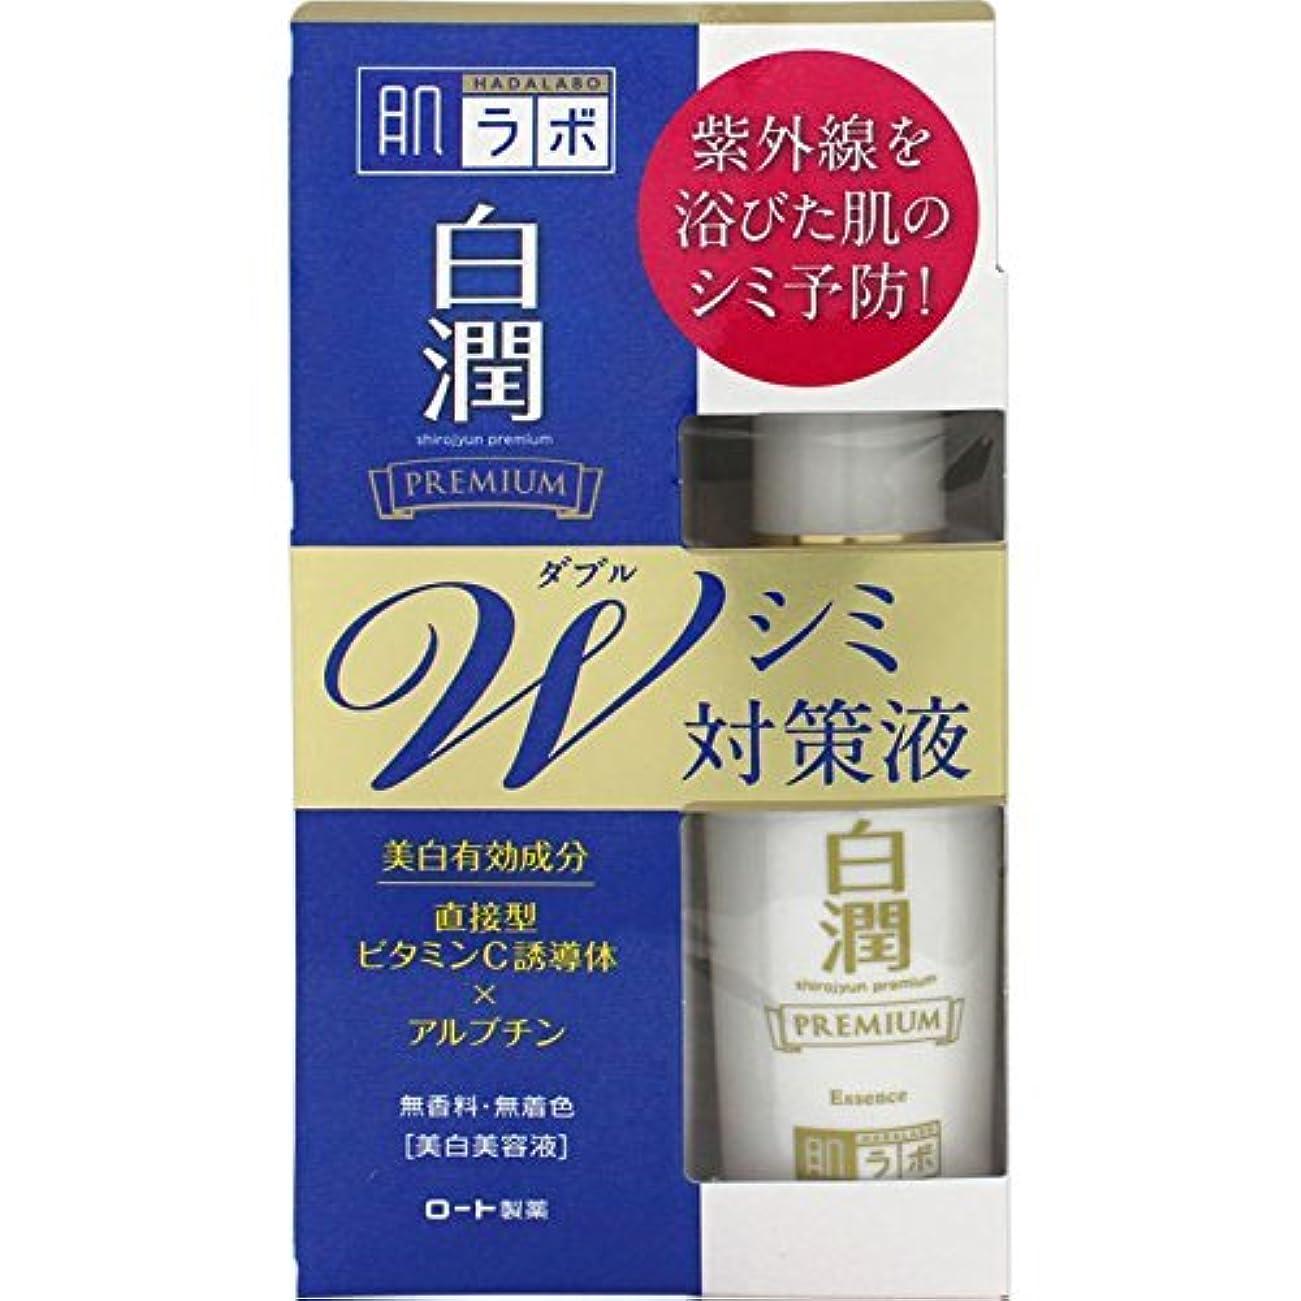 抵抗する辞書仲介者肌ラボ 白潤 プレミアムW美白美容液 40mL (医薬部外品)×2